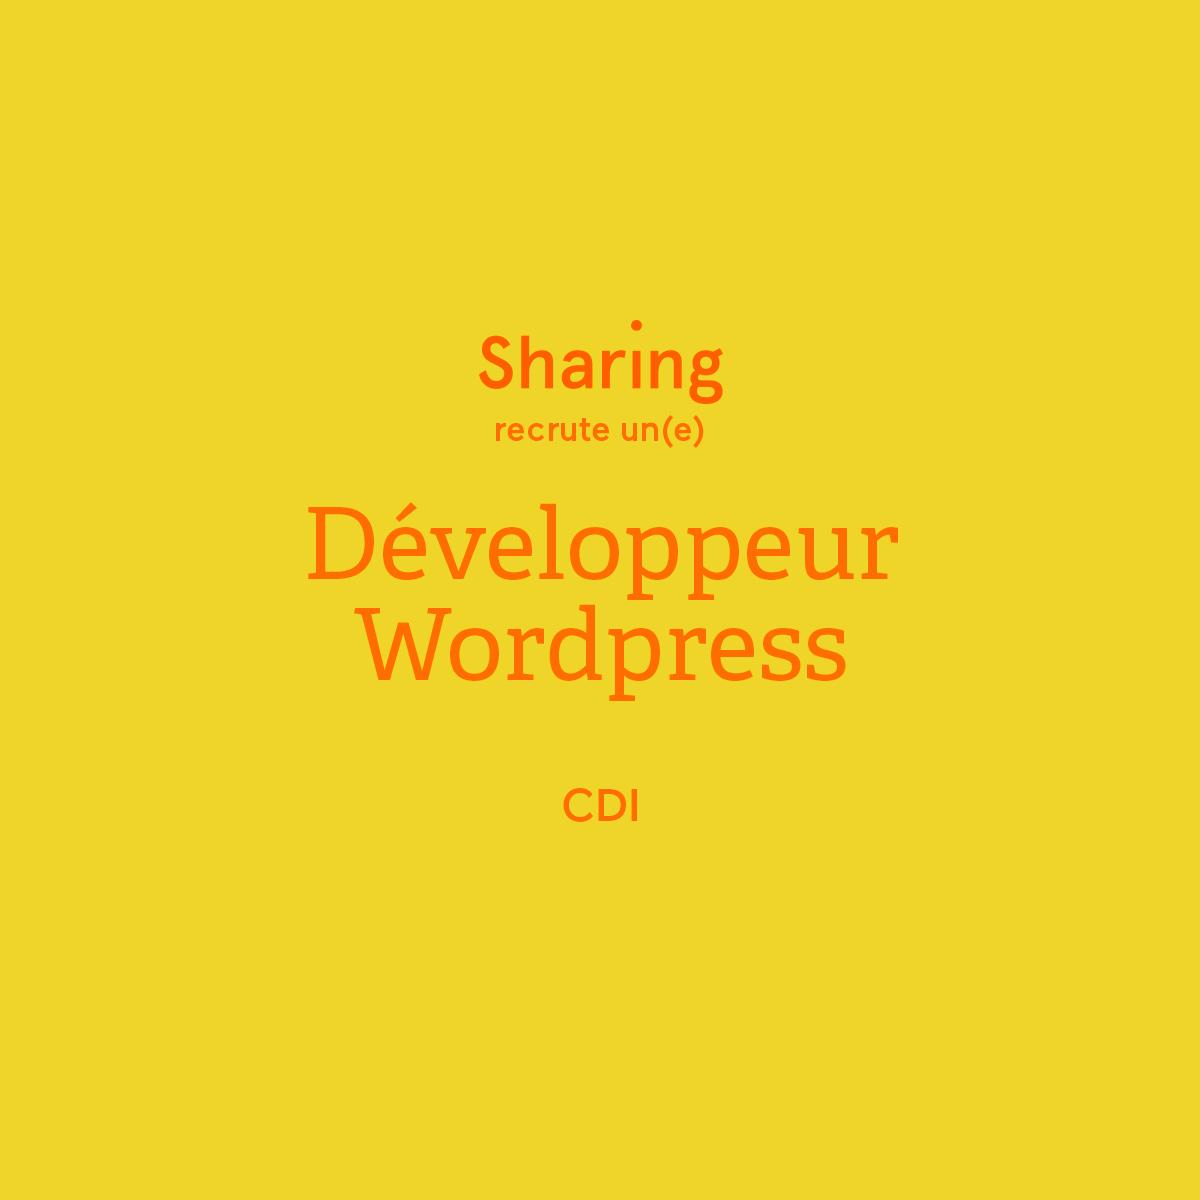 Sharing, agence de communication globale basée à Paris, recherche un(e) développeur Wordpress en CDI, pour renforcer son équipe de développement web.